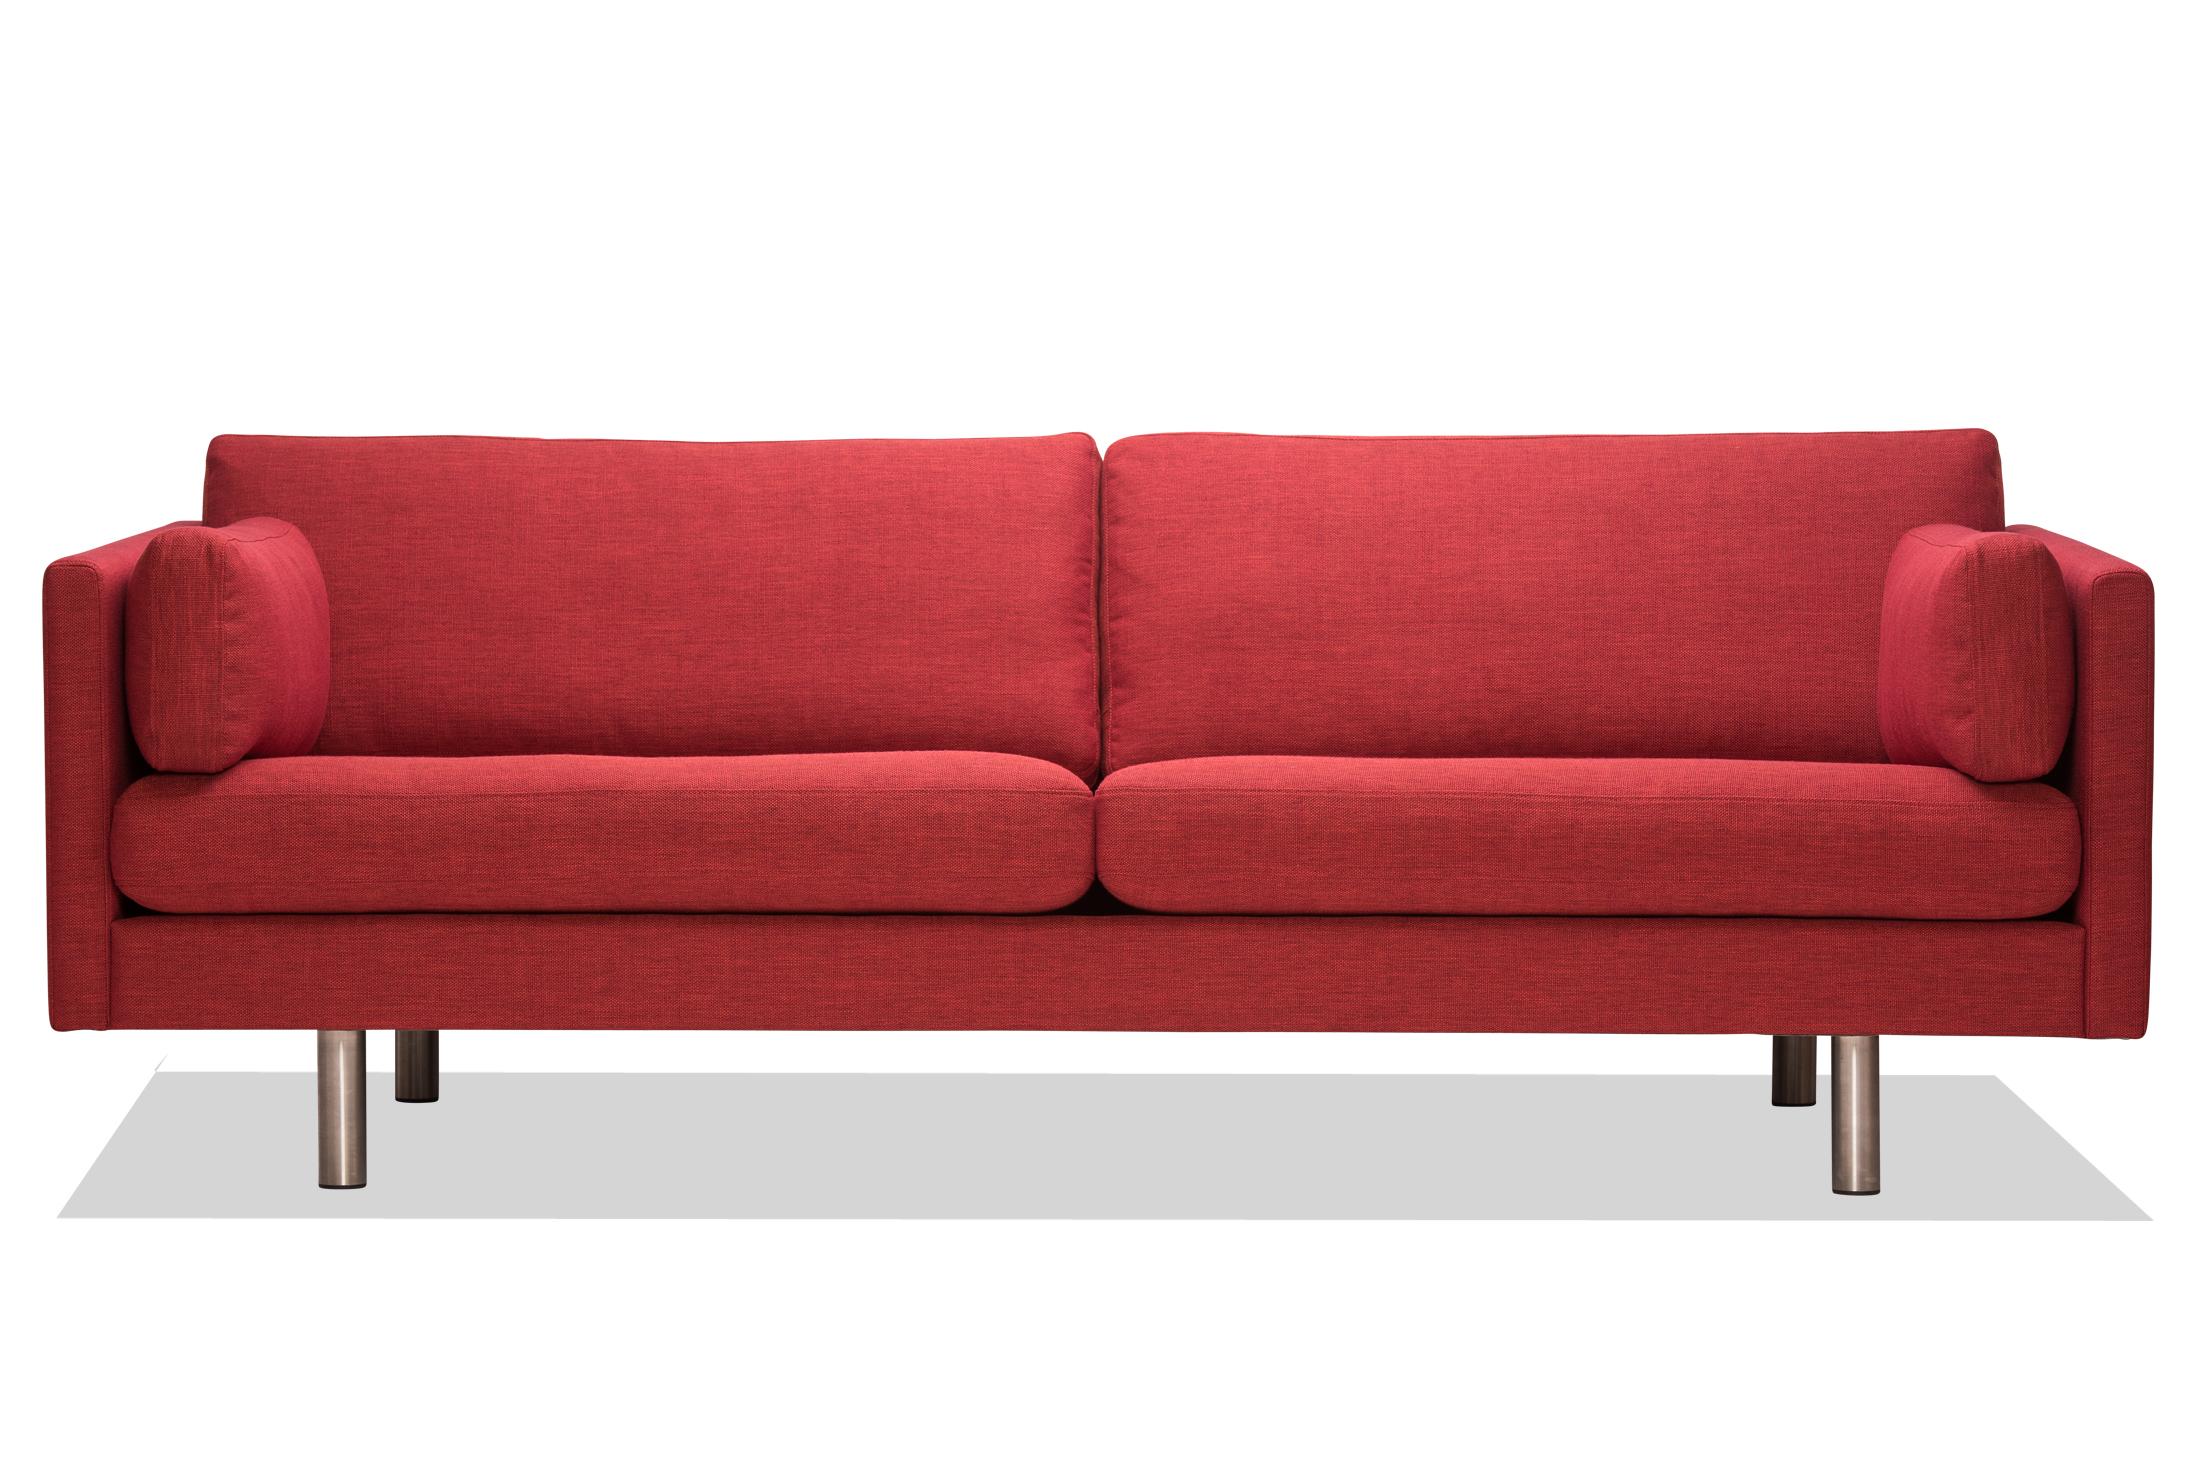 SL Sofa series 2.5 seater 183cm